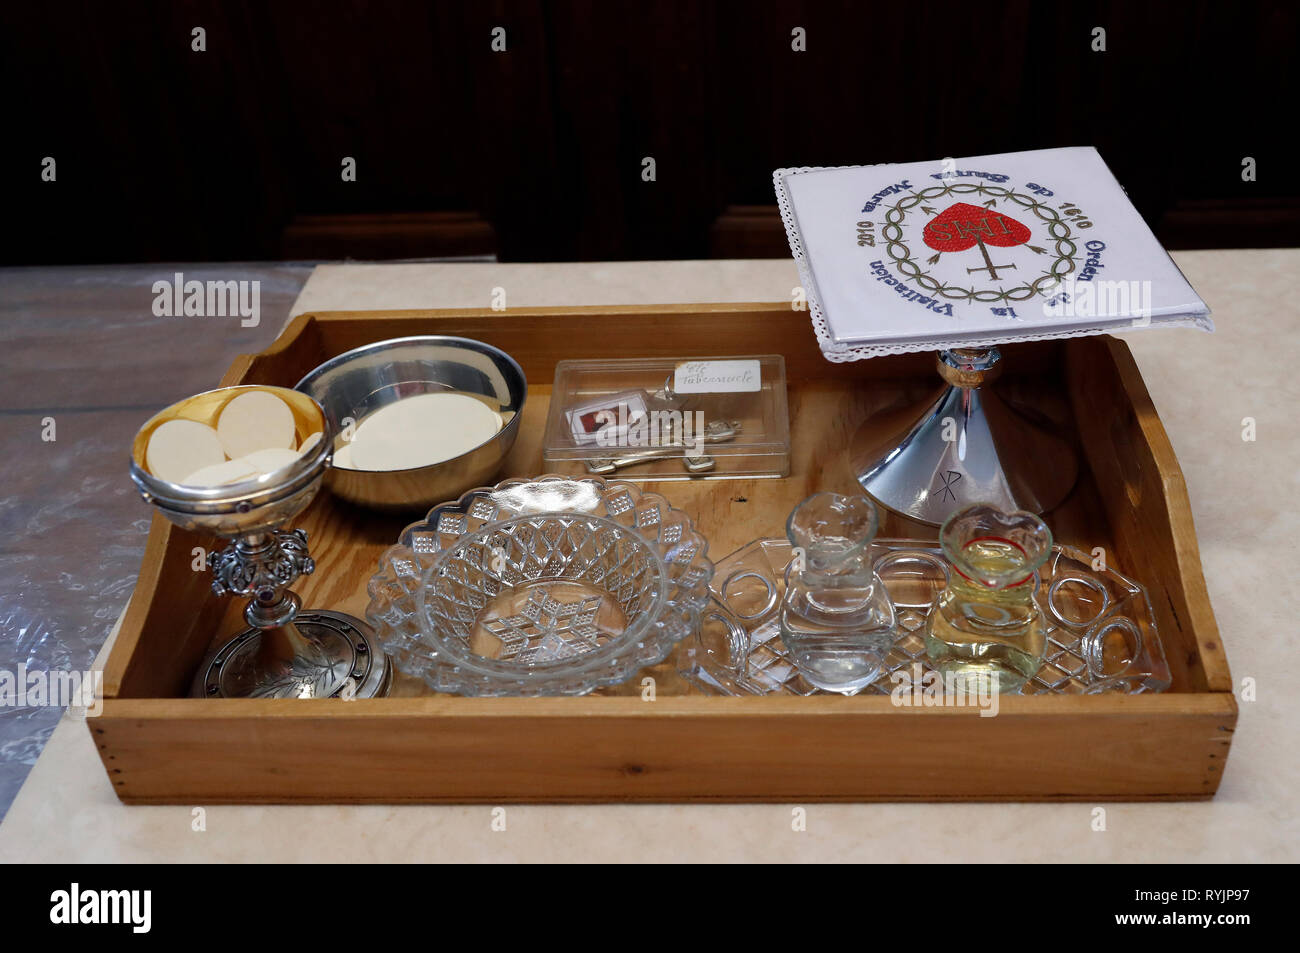 Monastère de la Visitation. Sainte eucharistie préparation en sacristie. Thonon-les-Bains. La France. Photo Stock